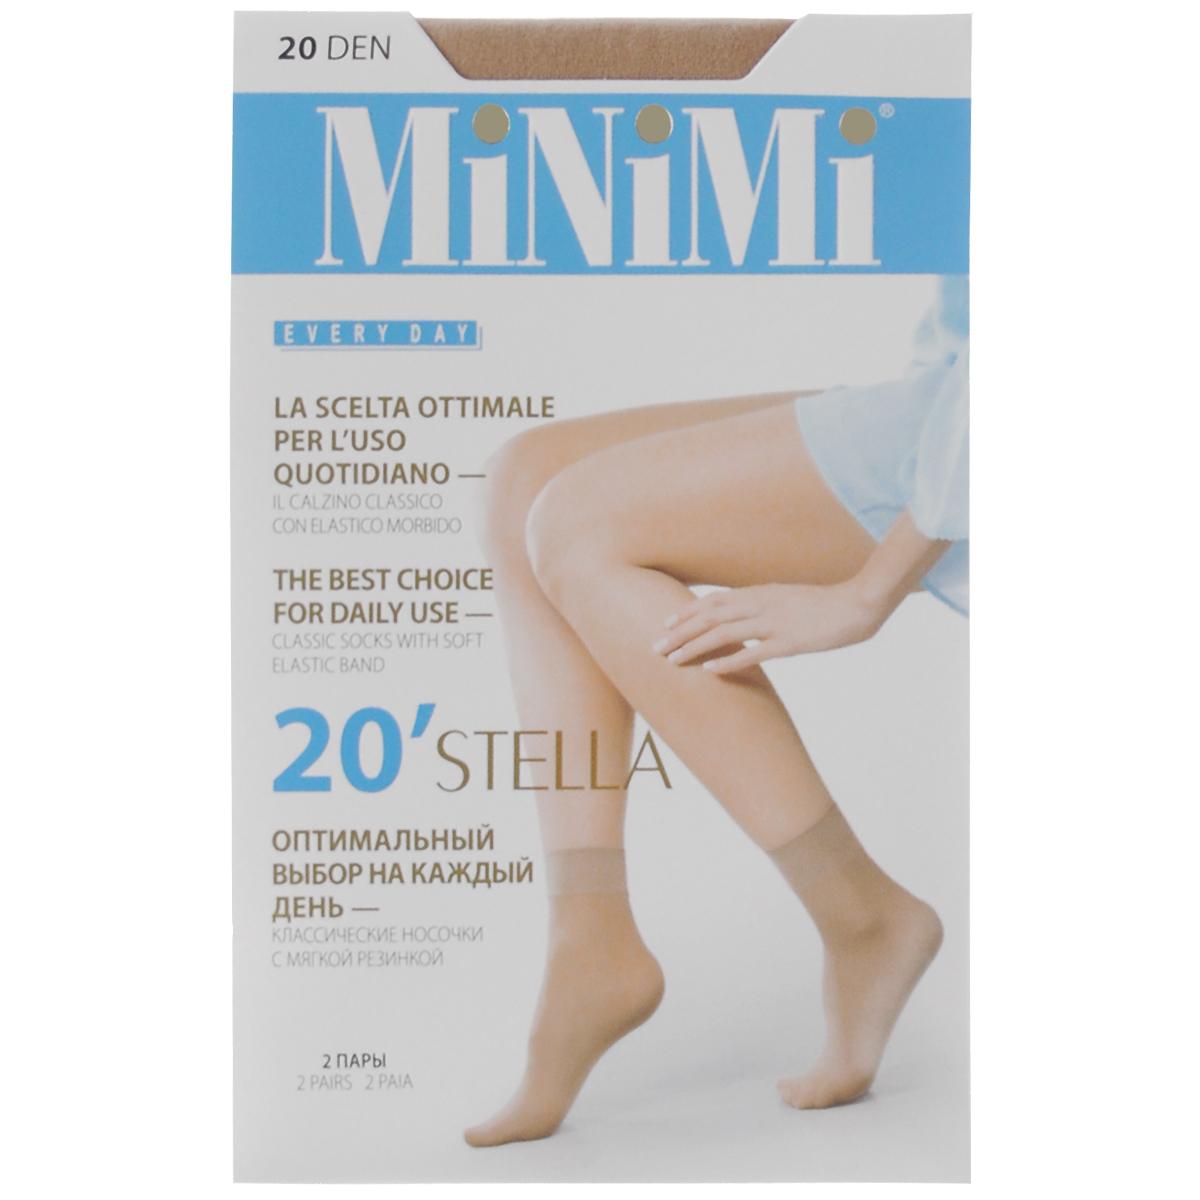 Носки женские Minimi Stella 20, 2 пары, цвет: Caramello (карамельный). Размер универсальный чулки minimi capriccio 20 цвет caramello карамельный размер 4 l xl